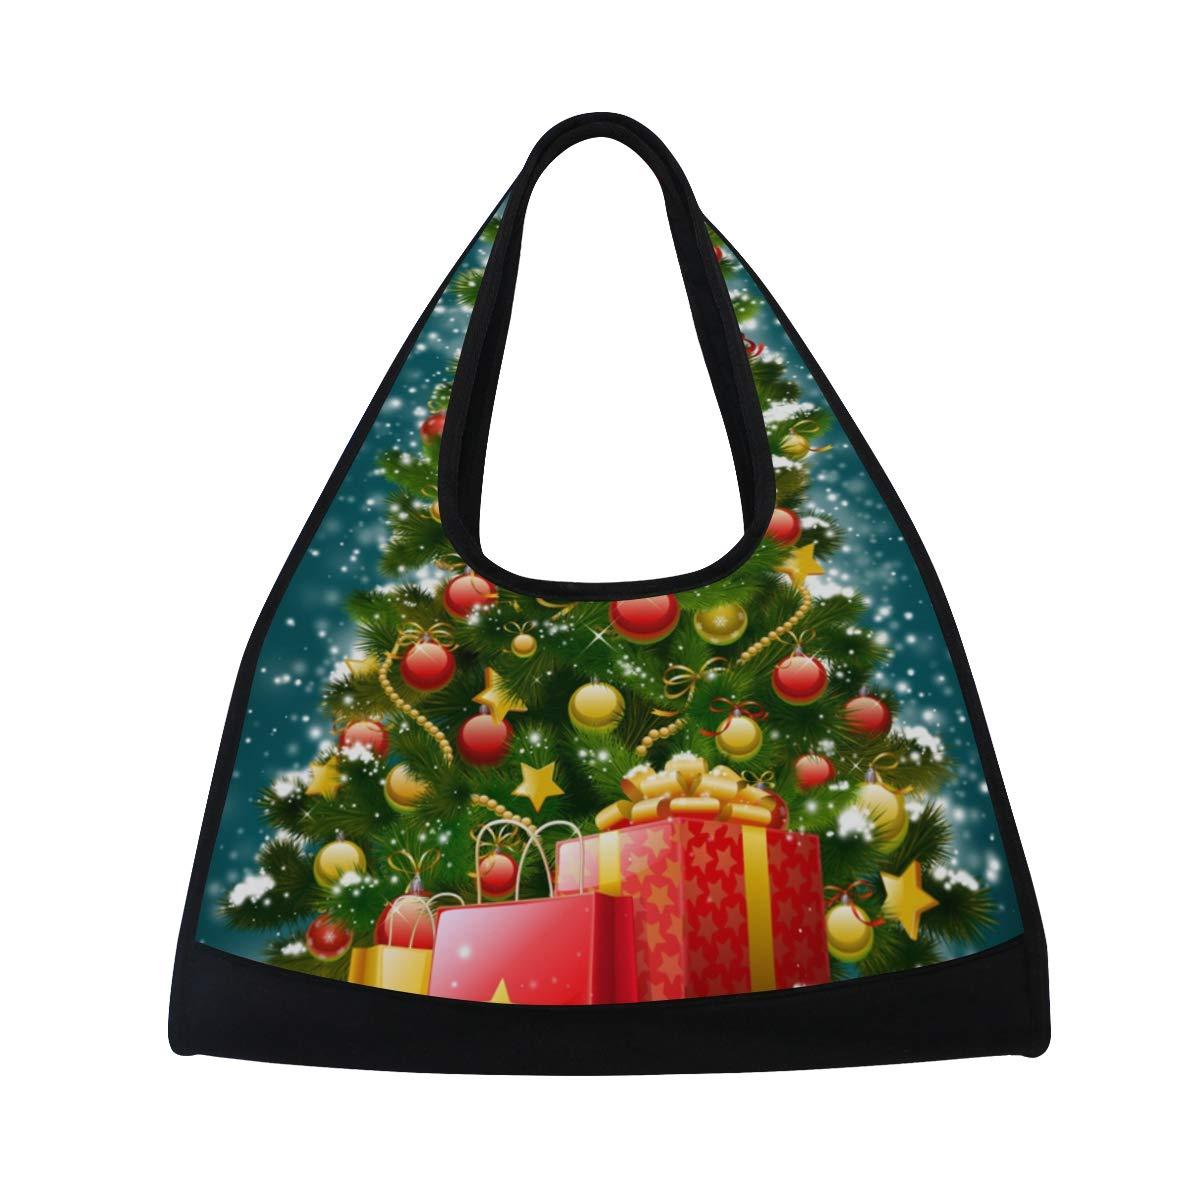 優れた品質 HUVATT 6.7 ジムバッグ ラージ x クリスマスツリー レディース 20 ヨガ キャンバス ダッフルバッグ スポーツ トートバッグ ガールズ B07KWPHJ1S パターン1 20 x 18.5 x 6.7 inch 20 x 18.5 x 6.7 inch|パターン1, ブランズガーデン:ff93d1f1 --- ballyshannonshow.com